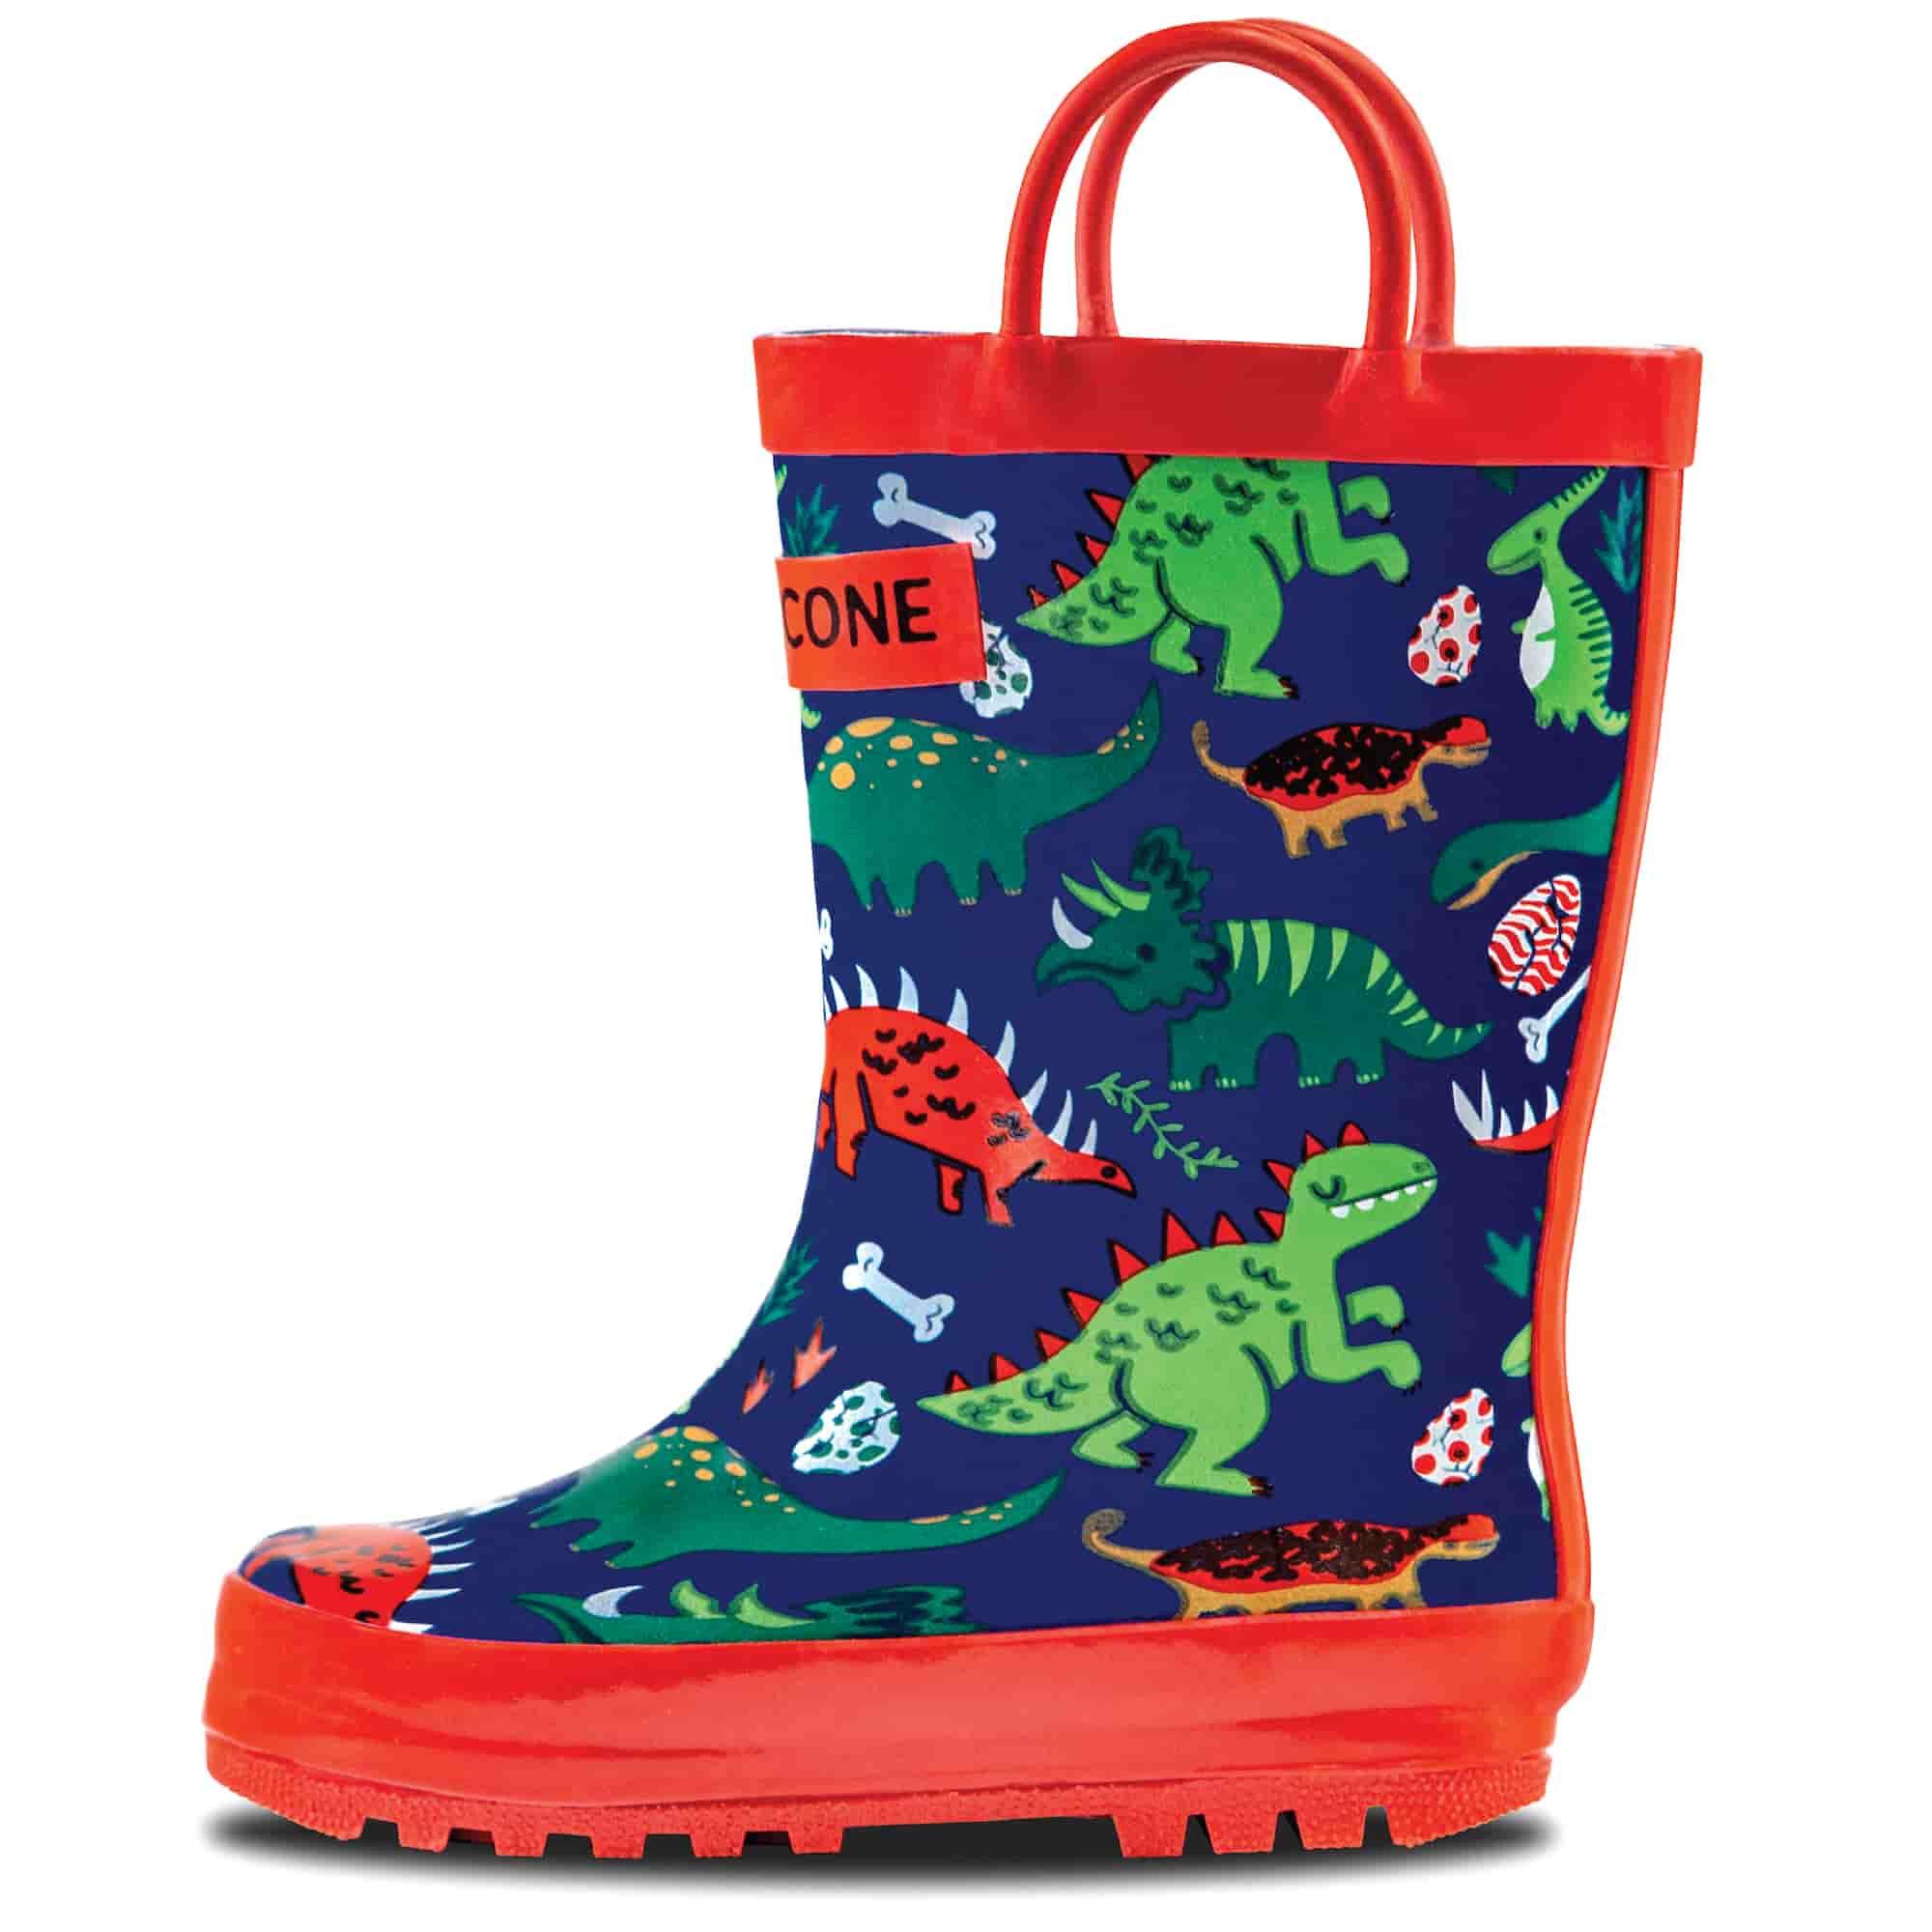 LONECONE Rain Boots